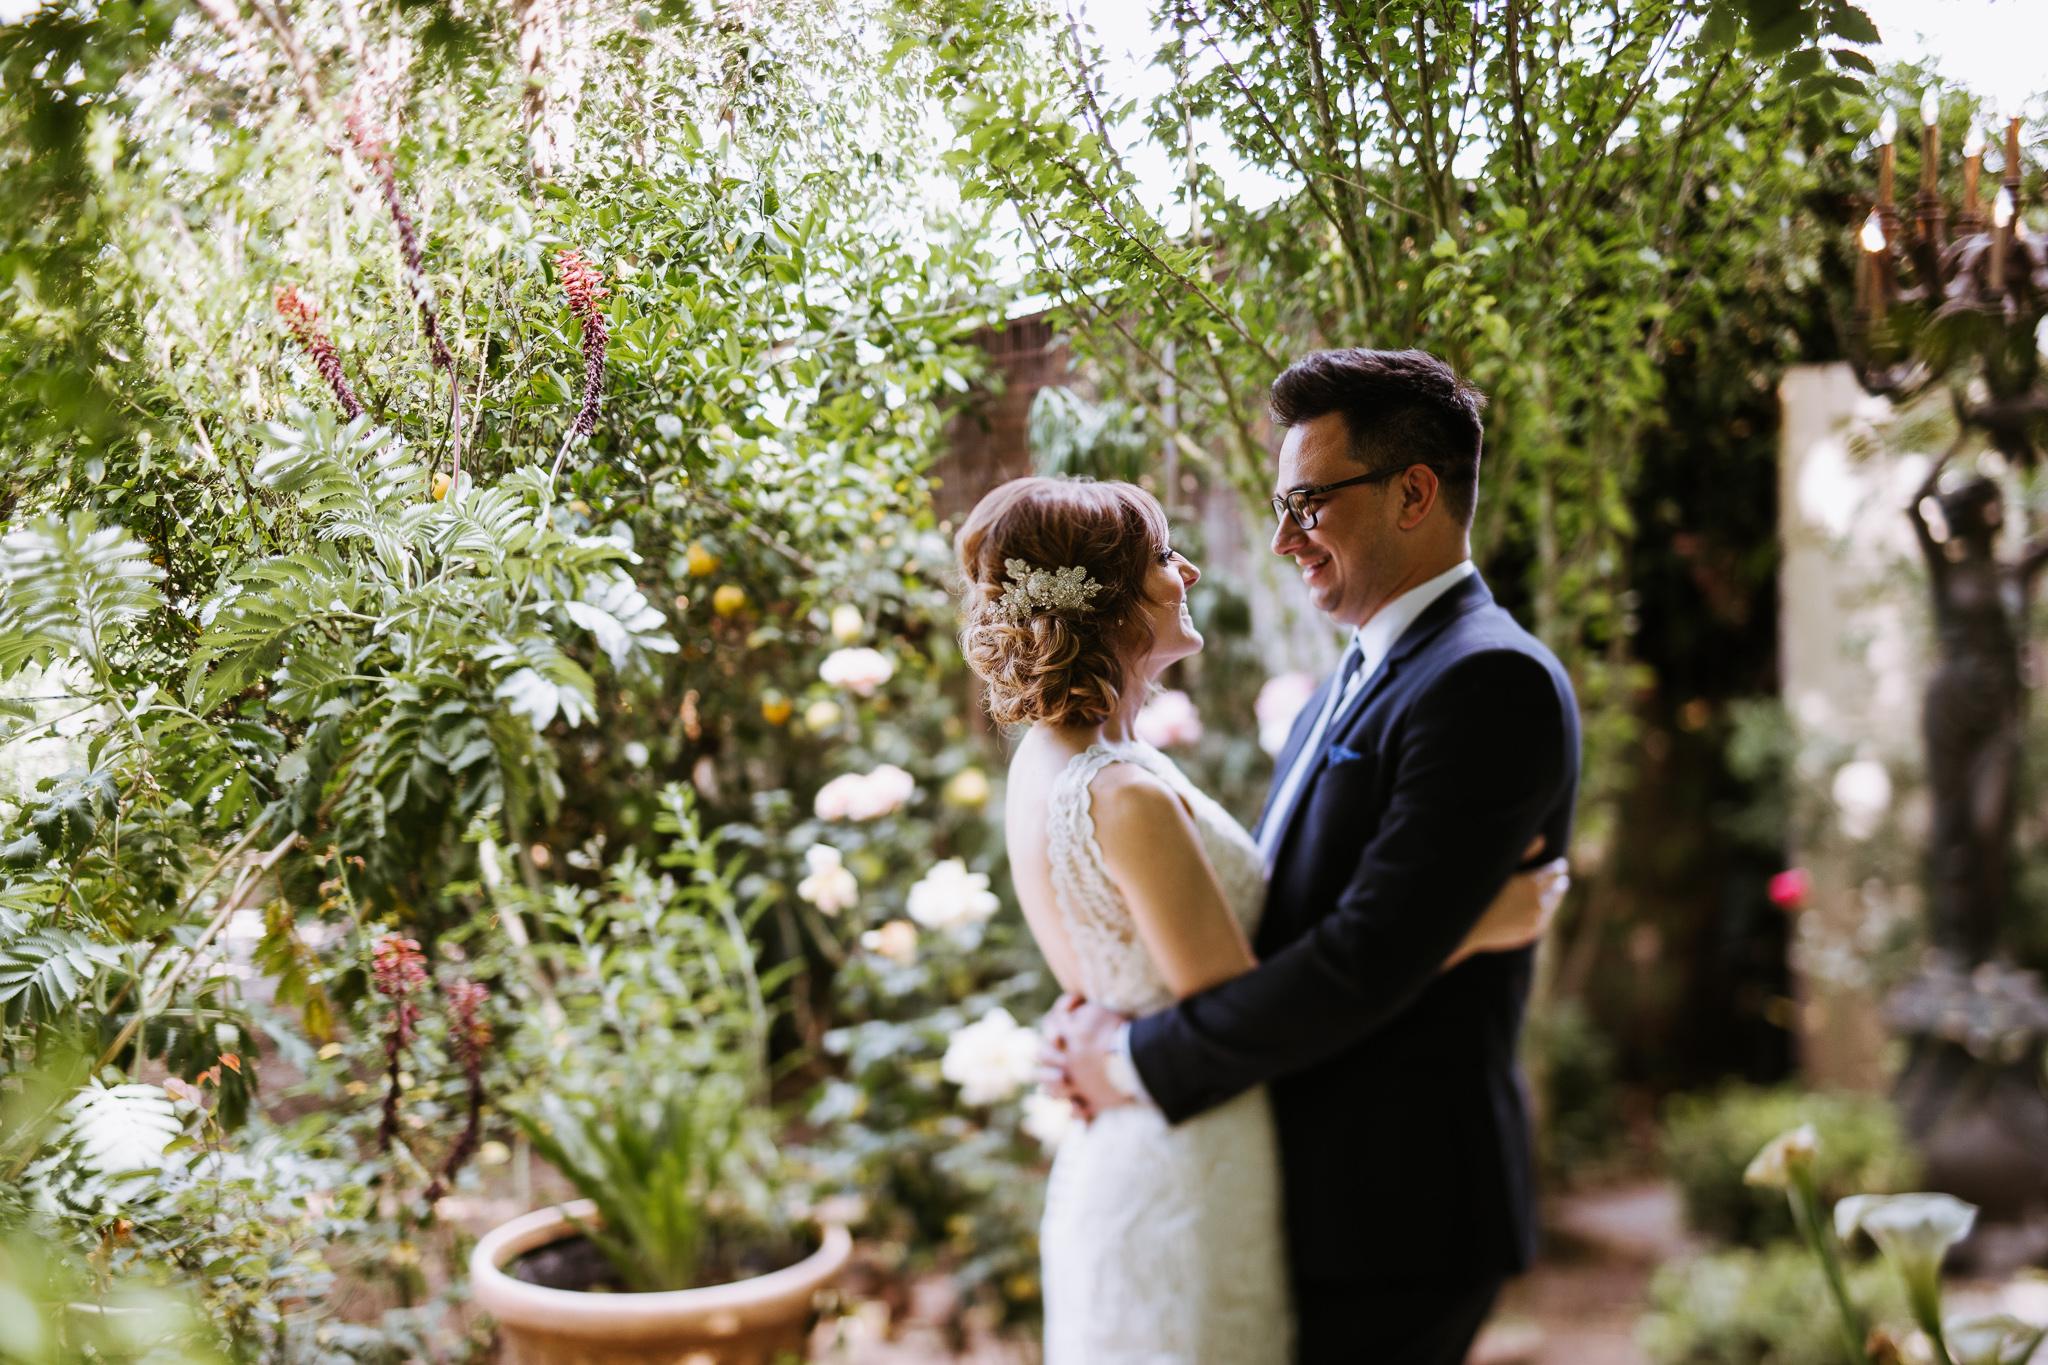 BayArea-Wedding-Photographer-26.jpg